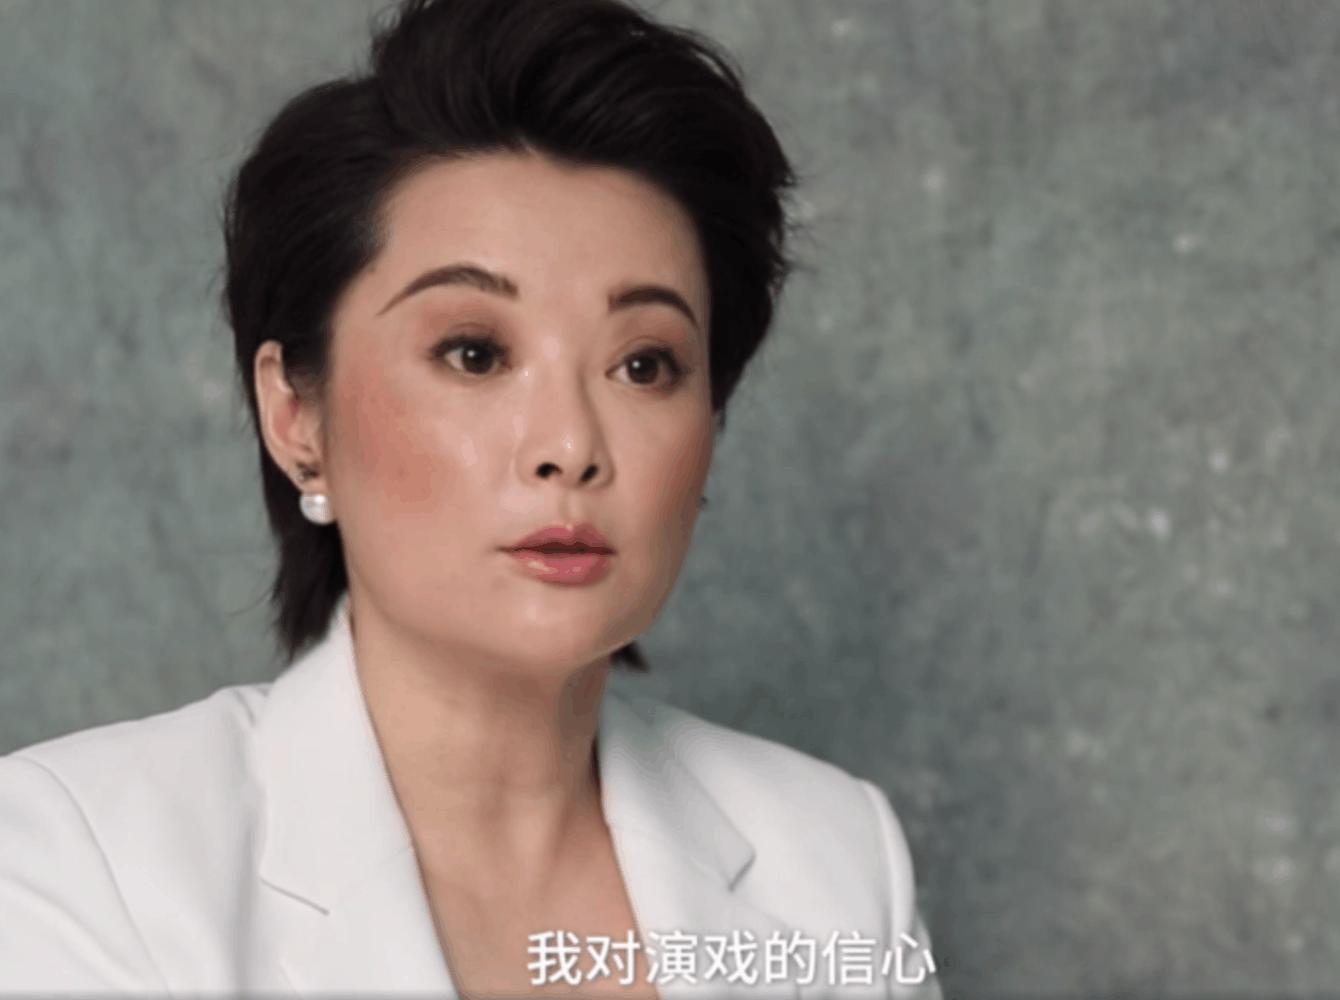 曾传言袁立和张国立有绯闻,被邓婕打了一耳光,还让她滚出剧组